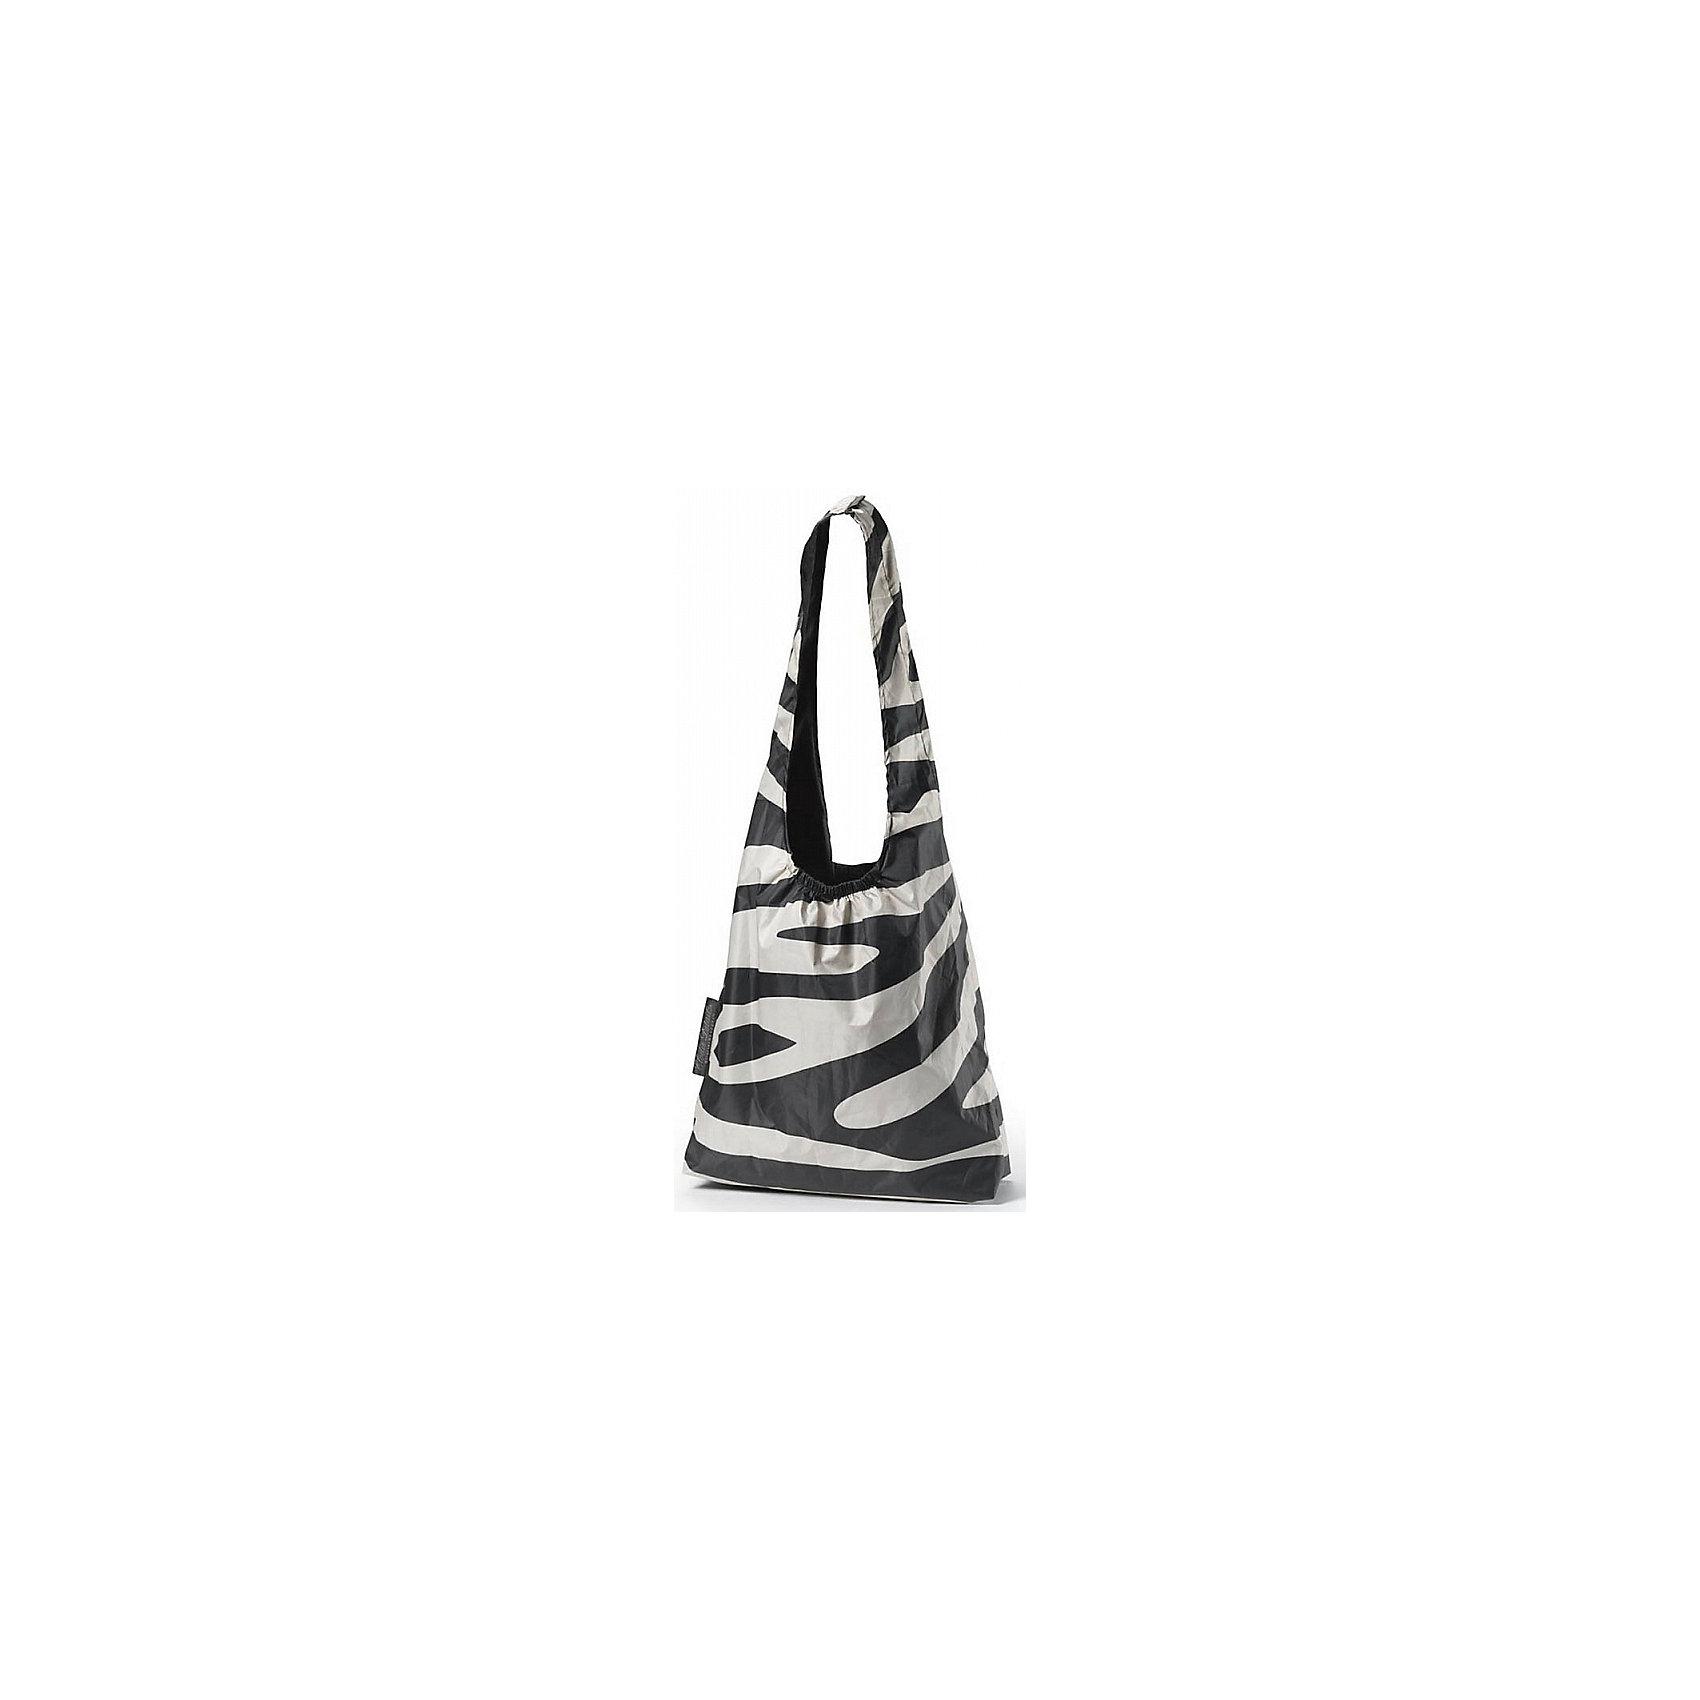 Elodie Details Сумка Zebra Sunshine Stroller Shopper, Elodie Details цены онлайн